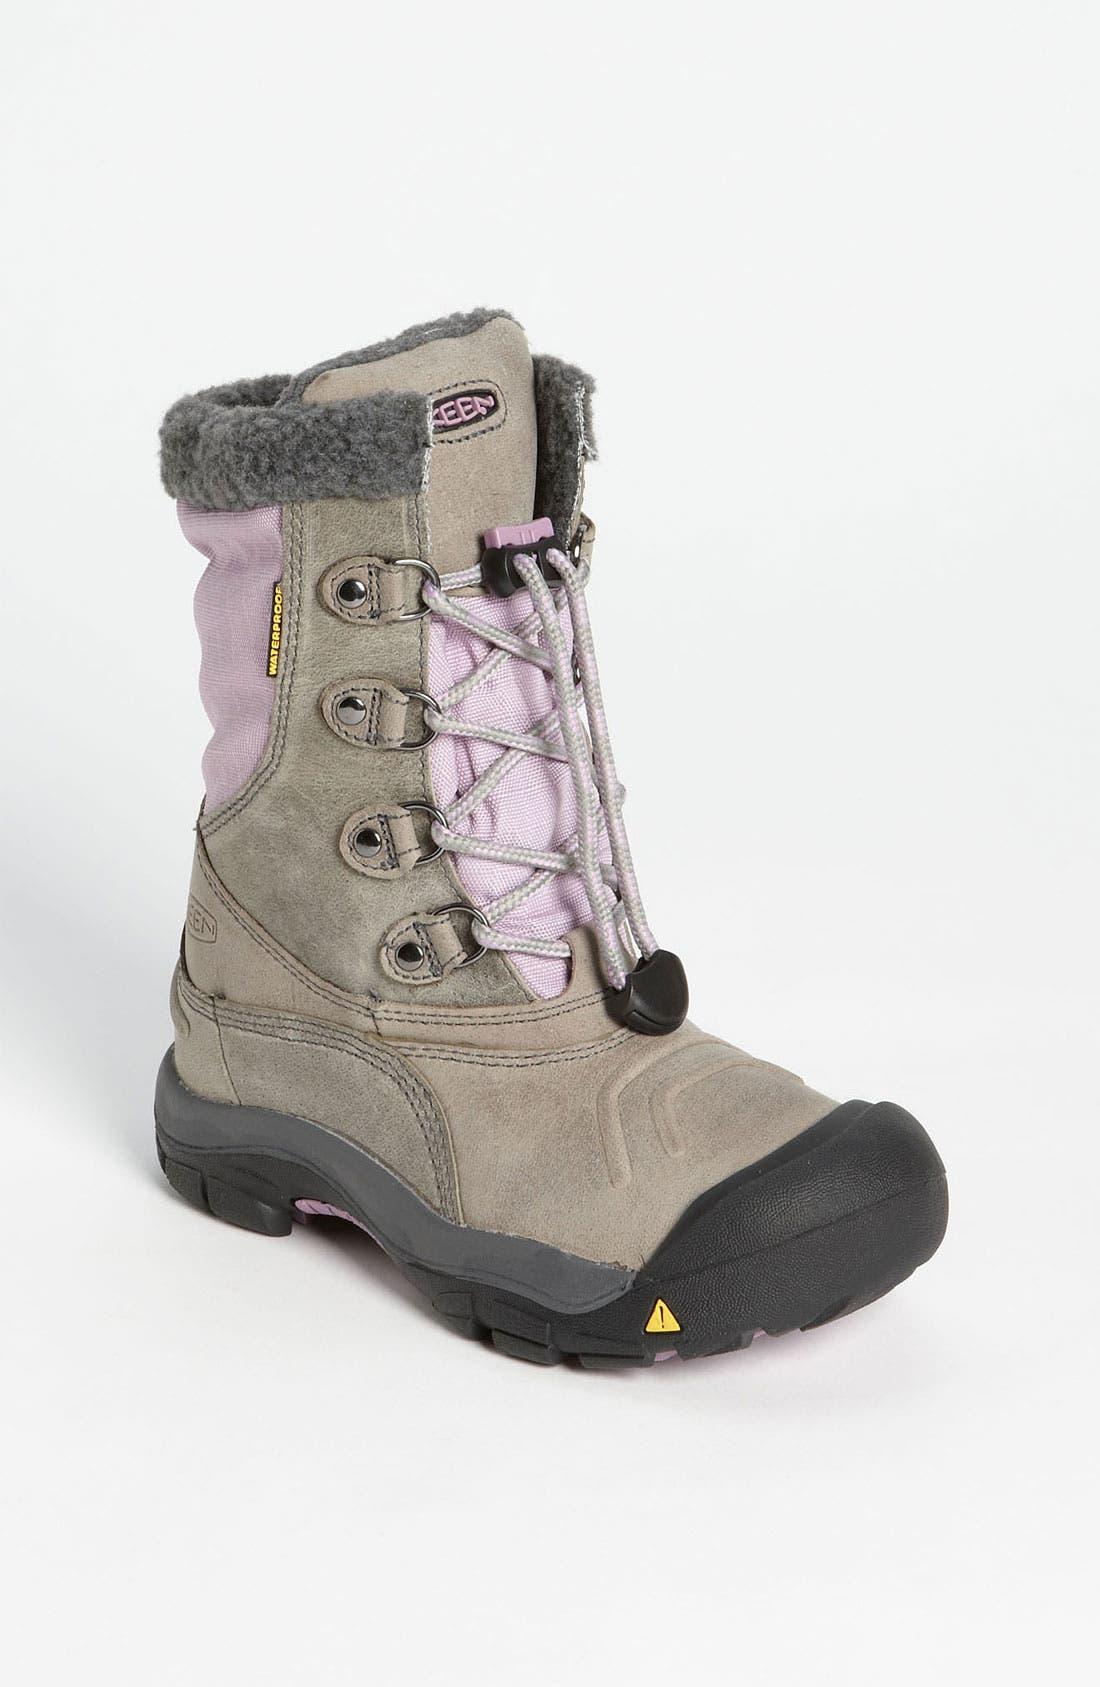 Alternate Image 1 Selected - Keen 'Basin' Waterproof Boot (Toddler, Little Kid & Big Kid)